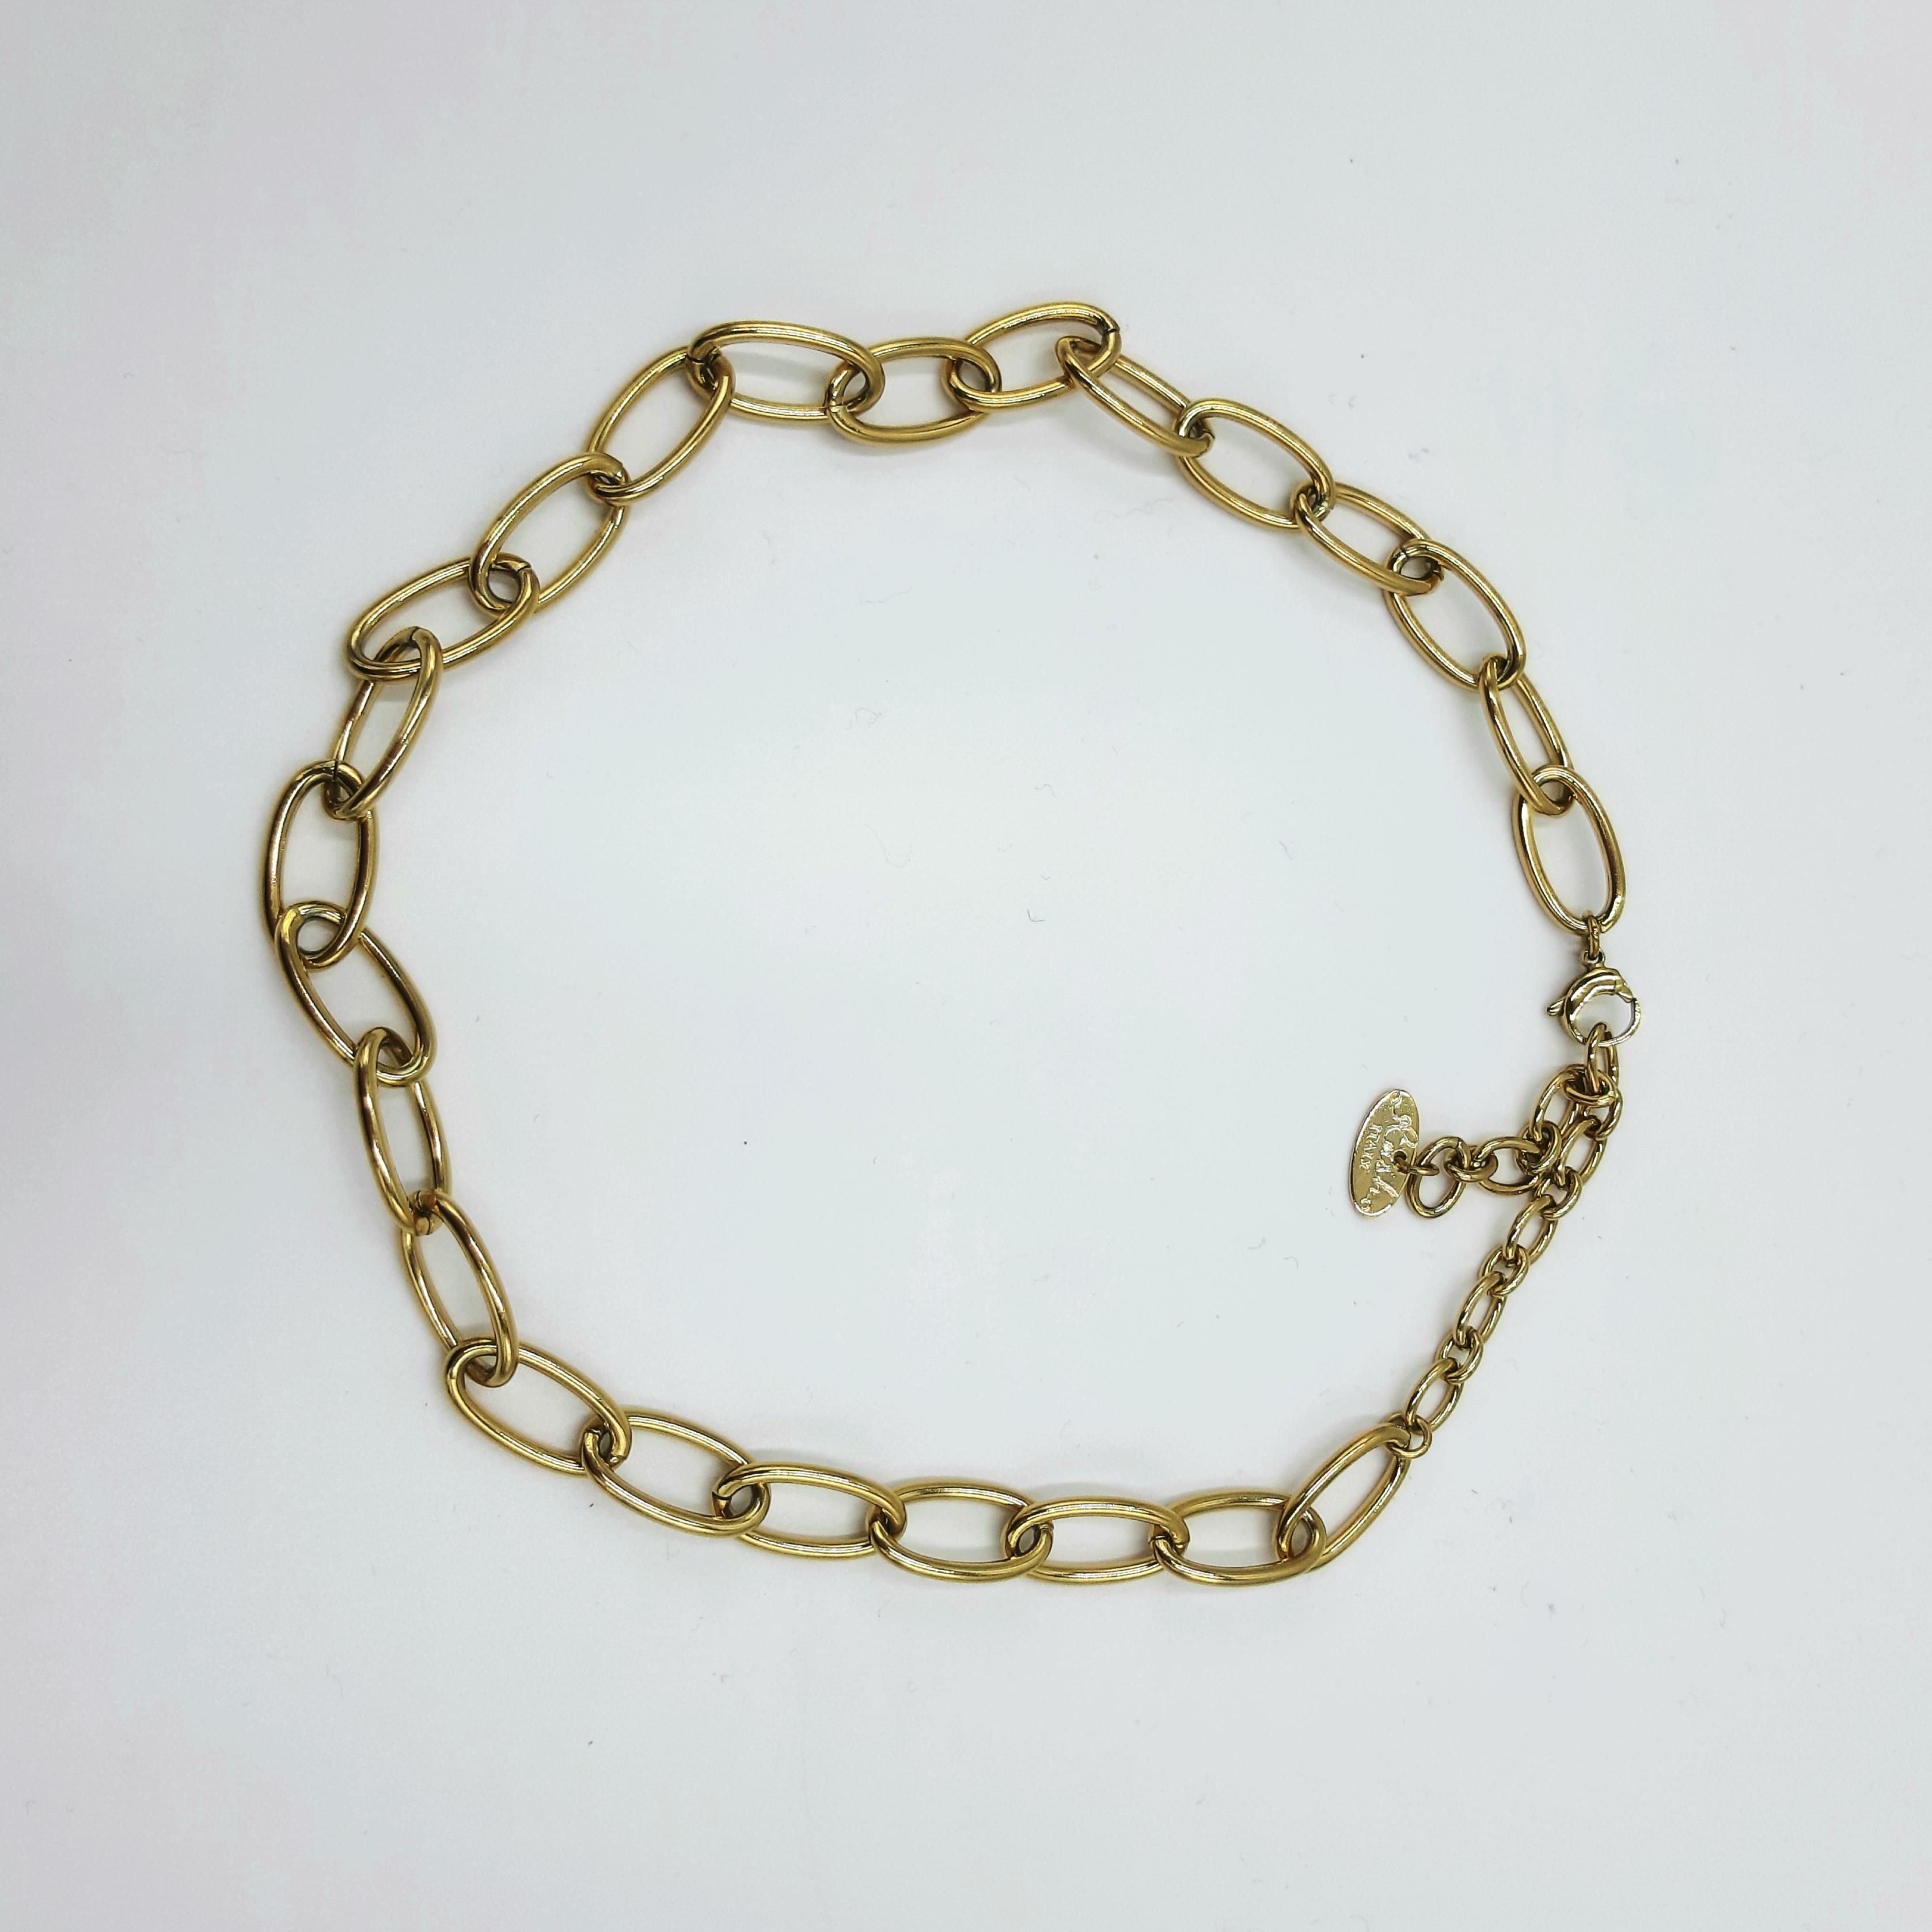 Collana a catena con anelli fini oro Rush